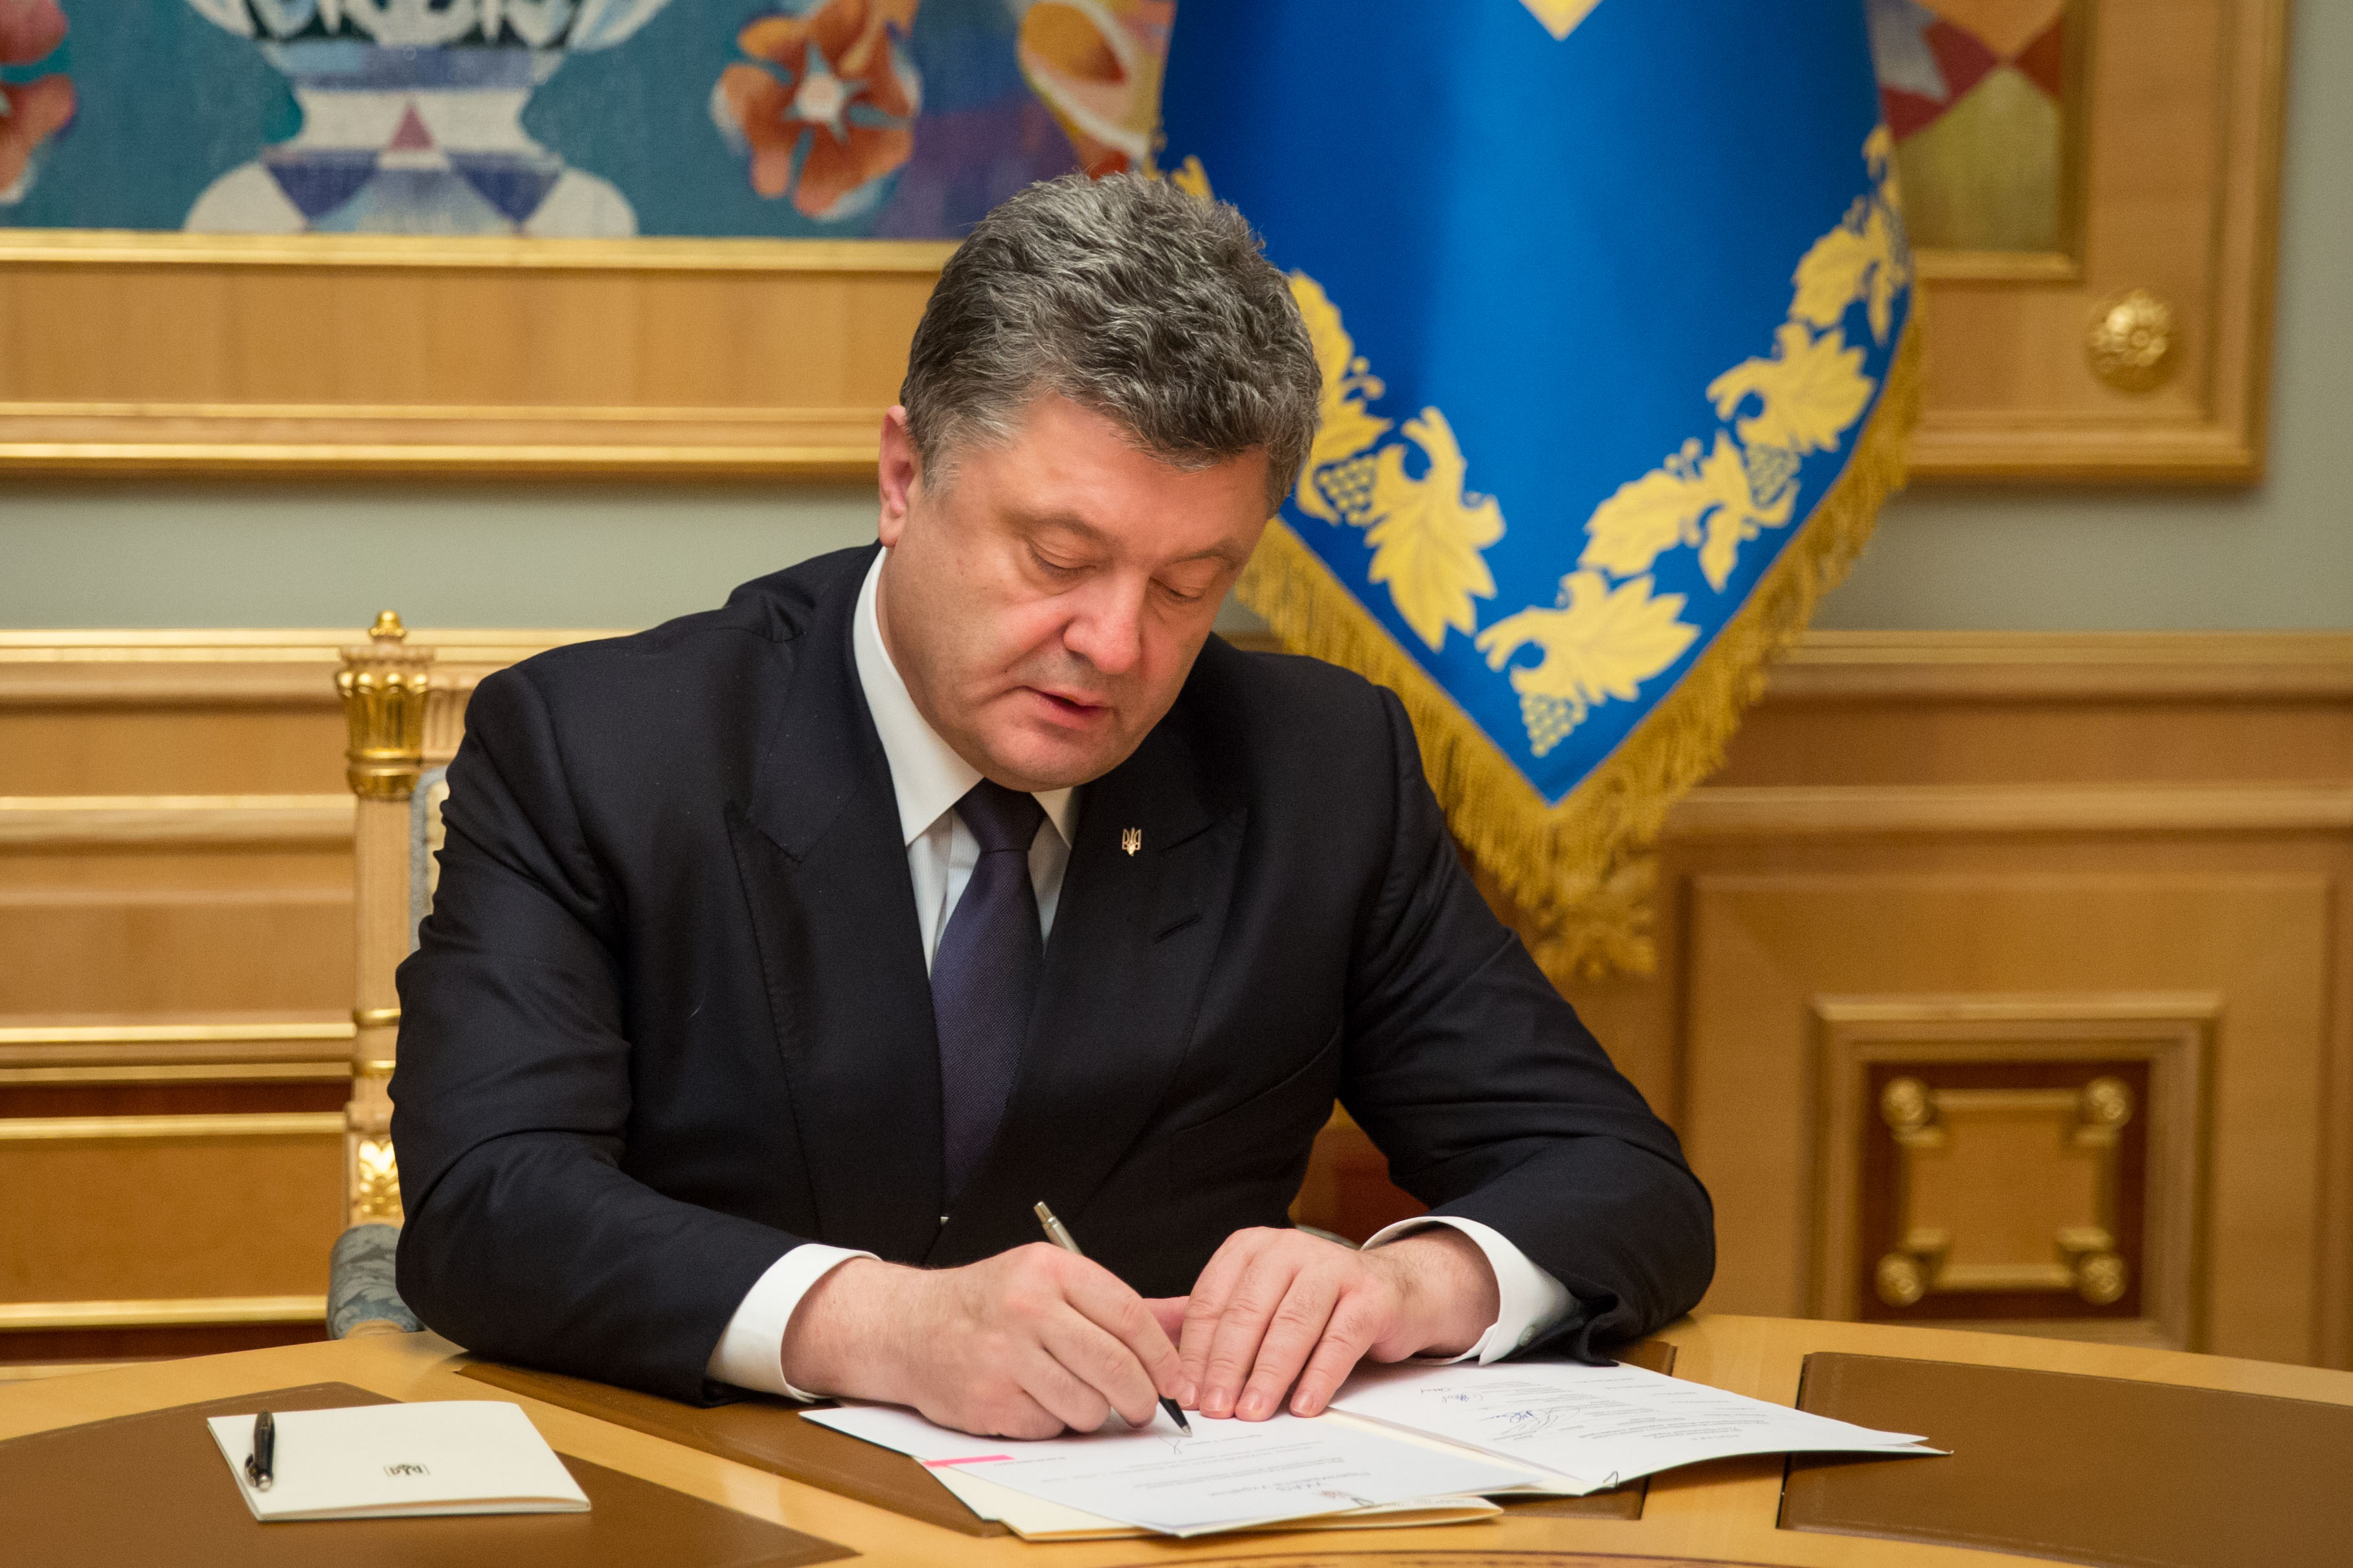 Это усилит позиции Украины в борьбе за деоккупацию Донбасса: президент Порошенко подписал закон об особом статусе ОРДЛО